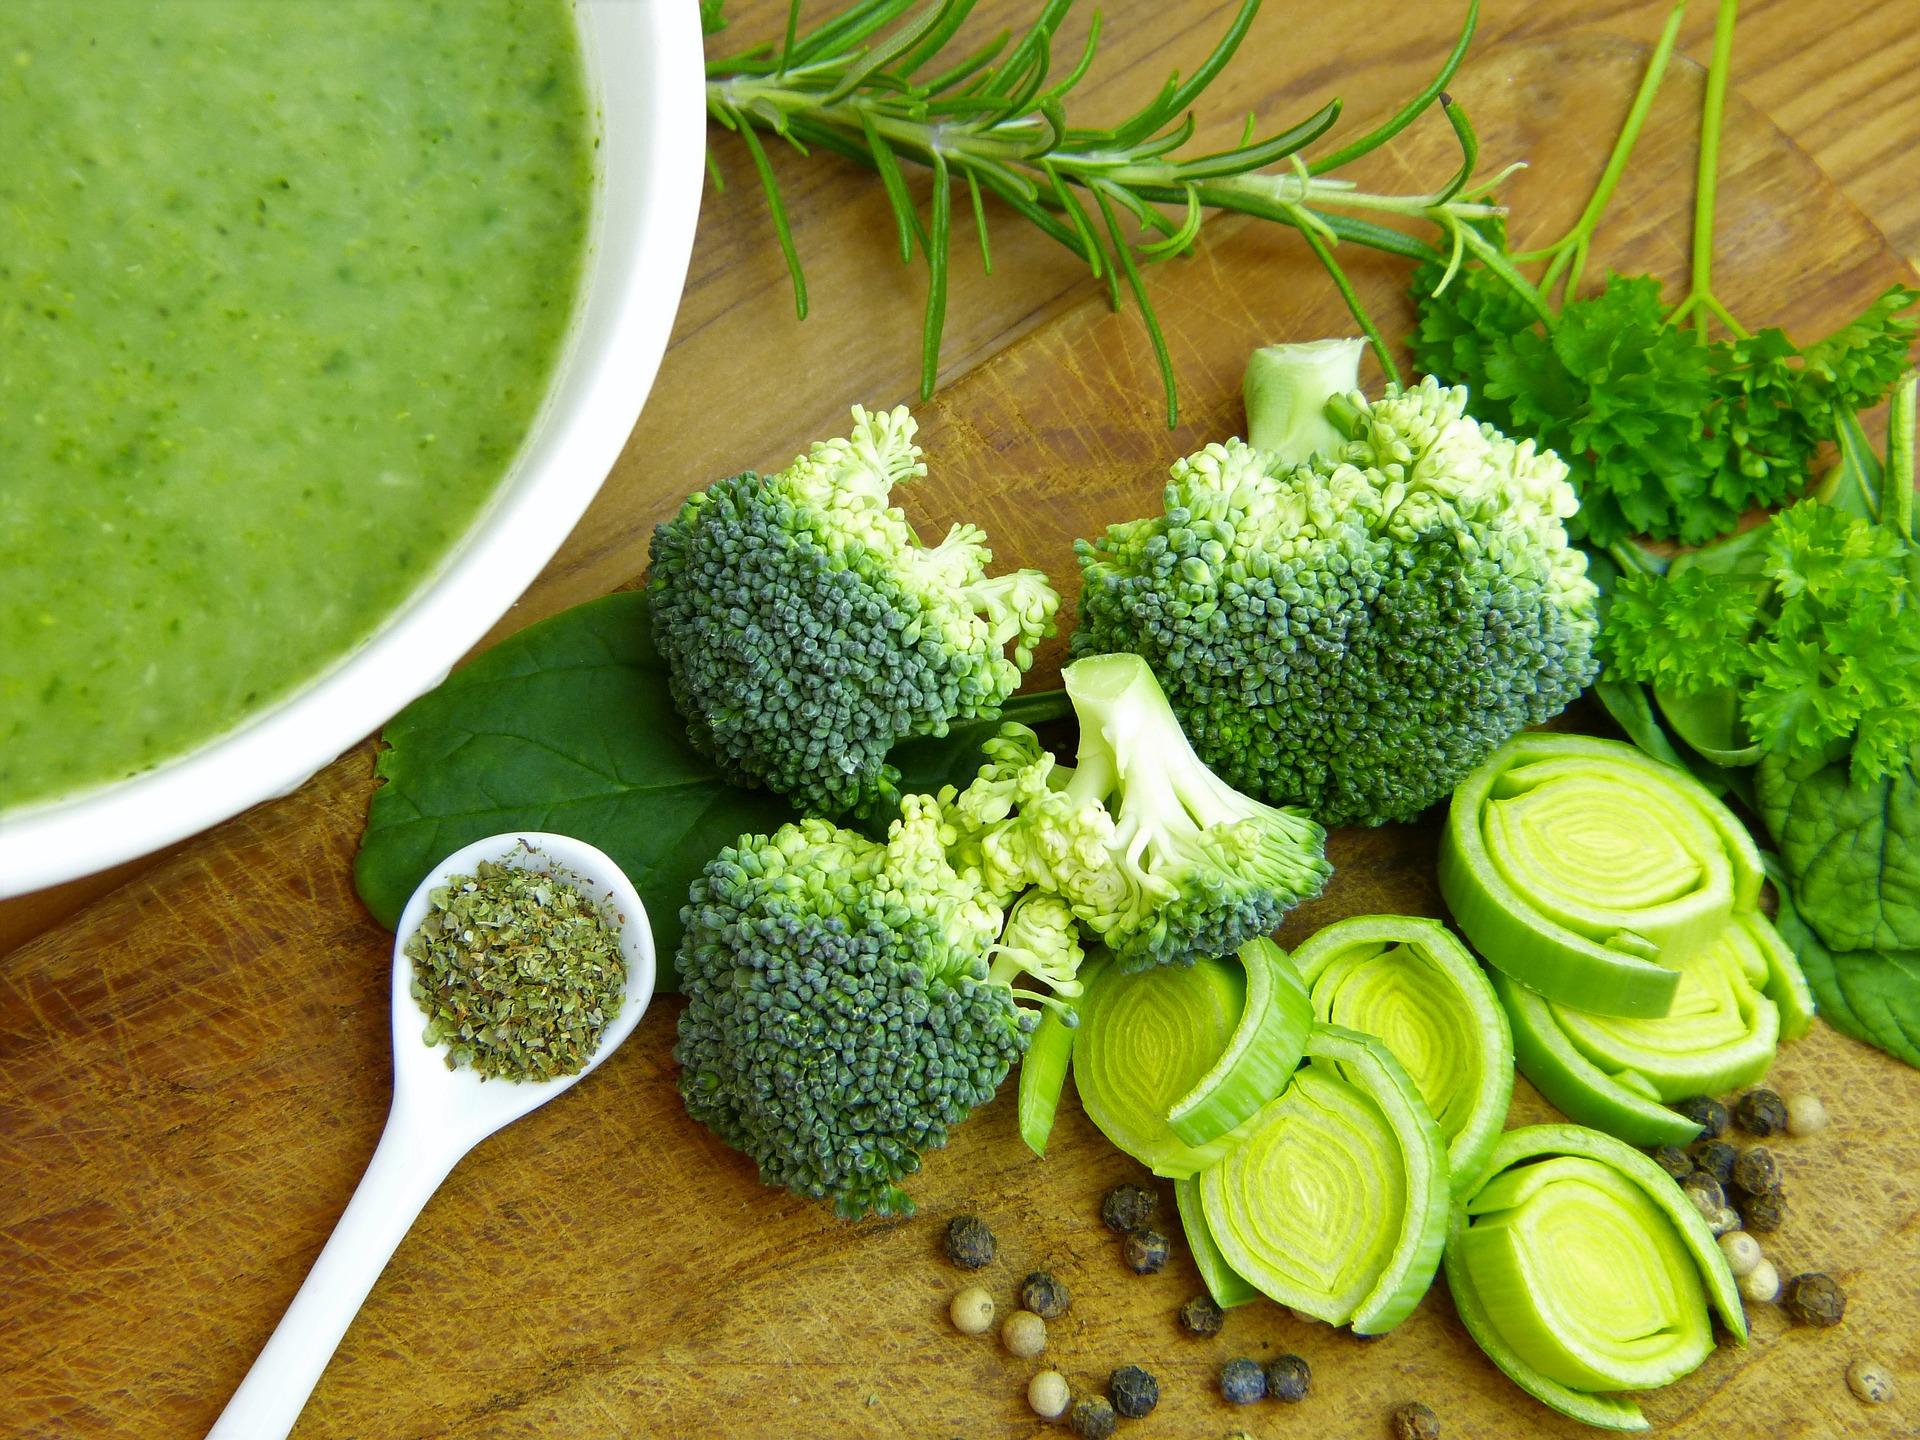 緑黄色野菜 抗酸化作用